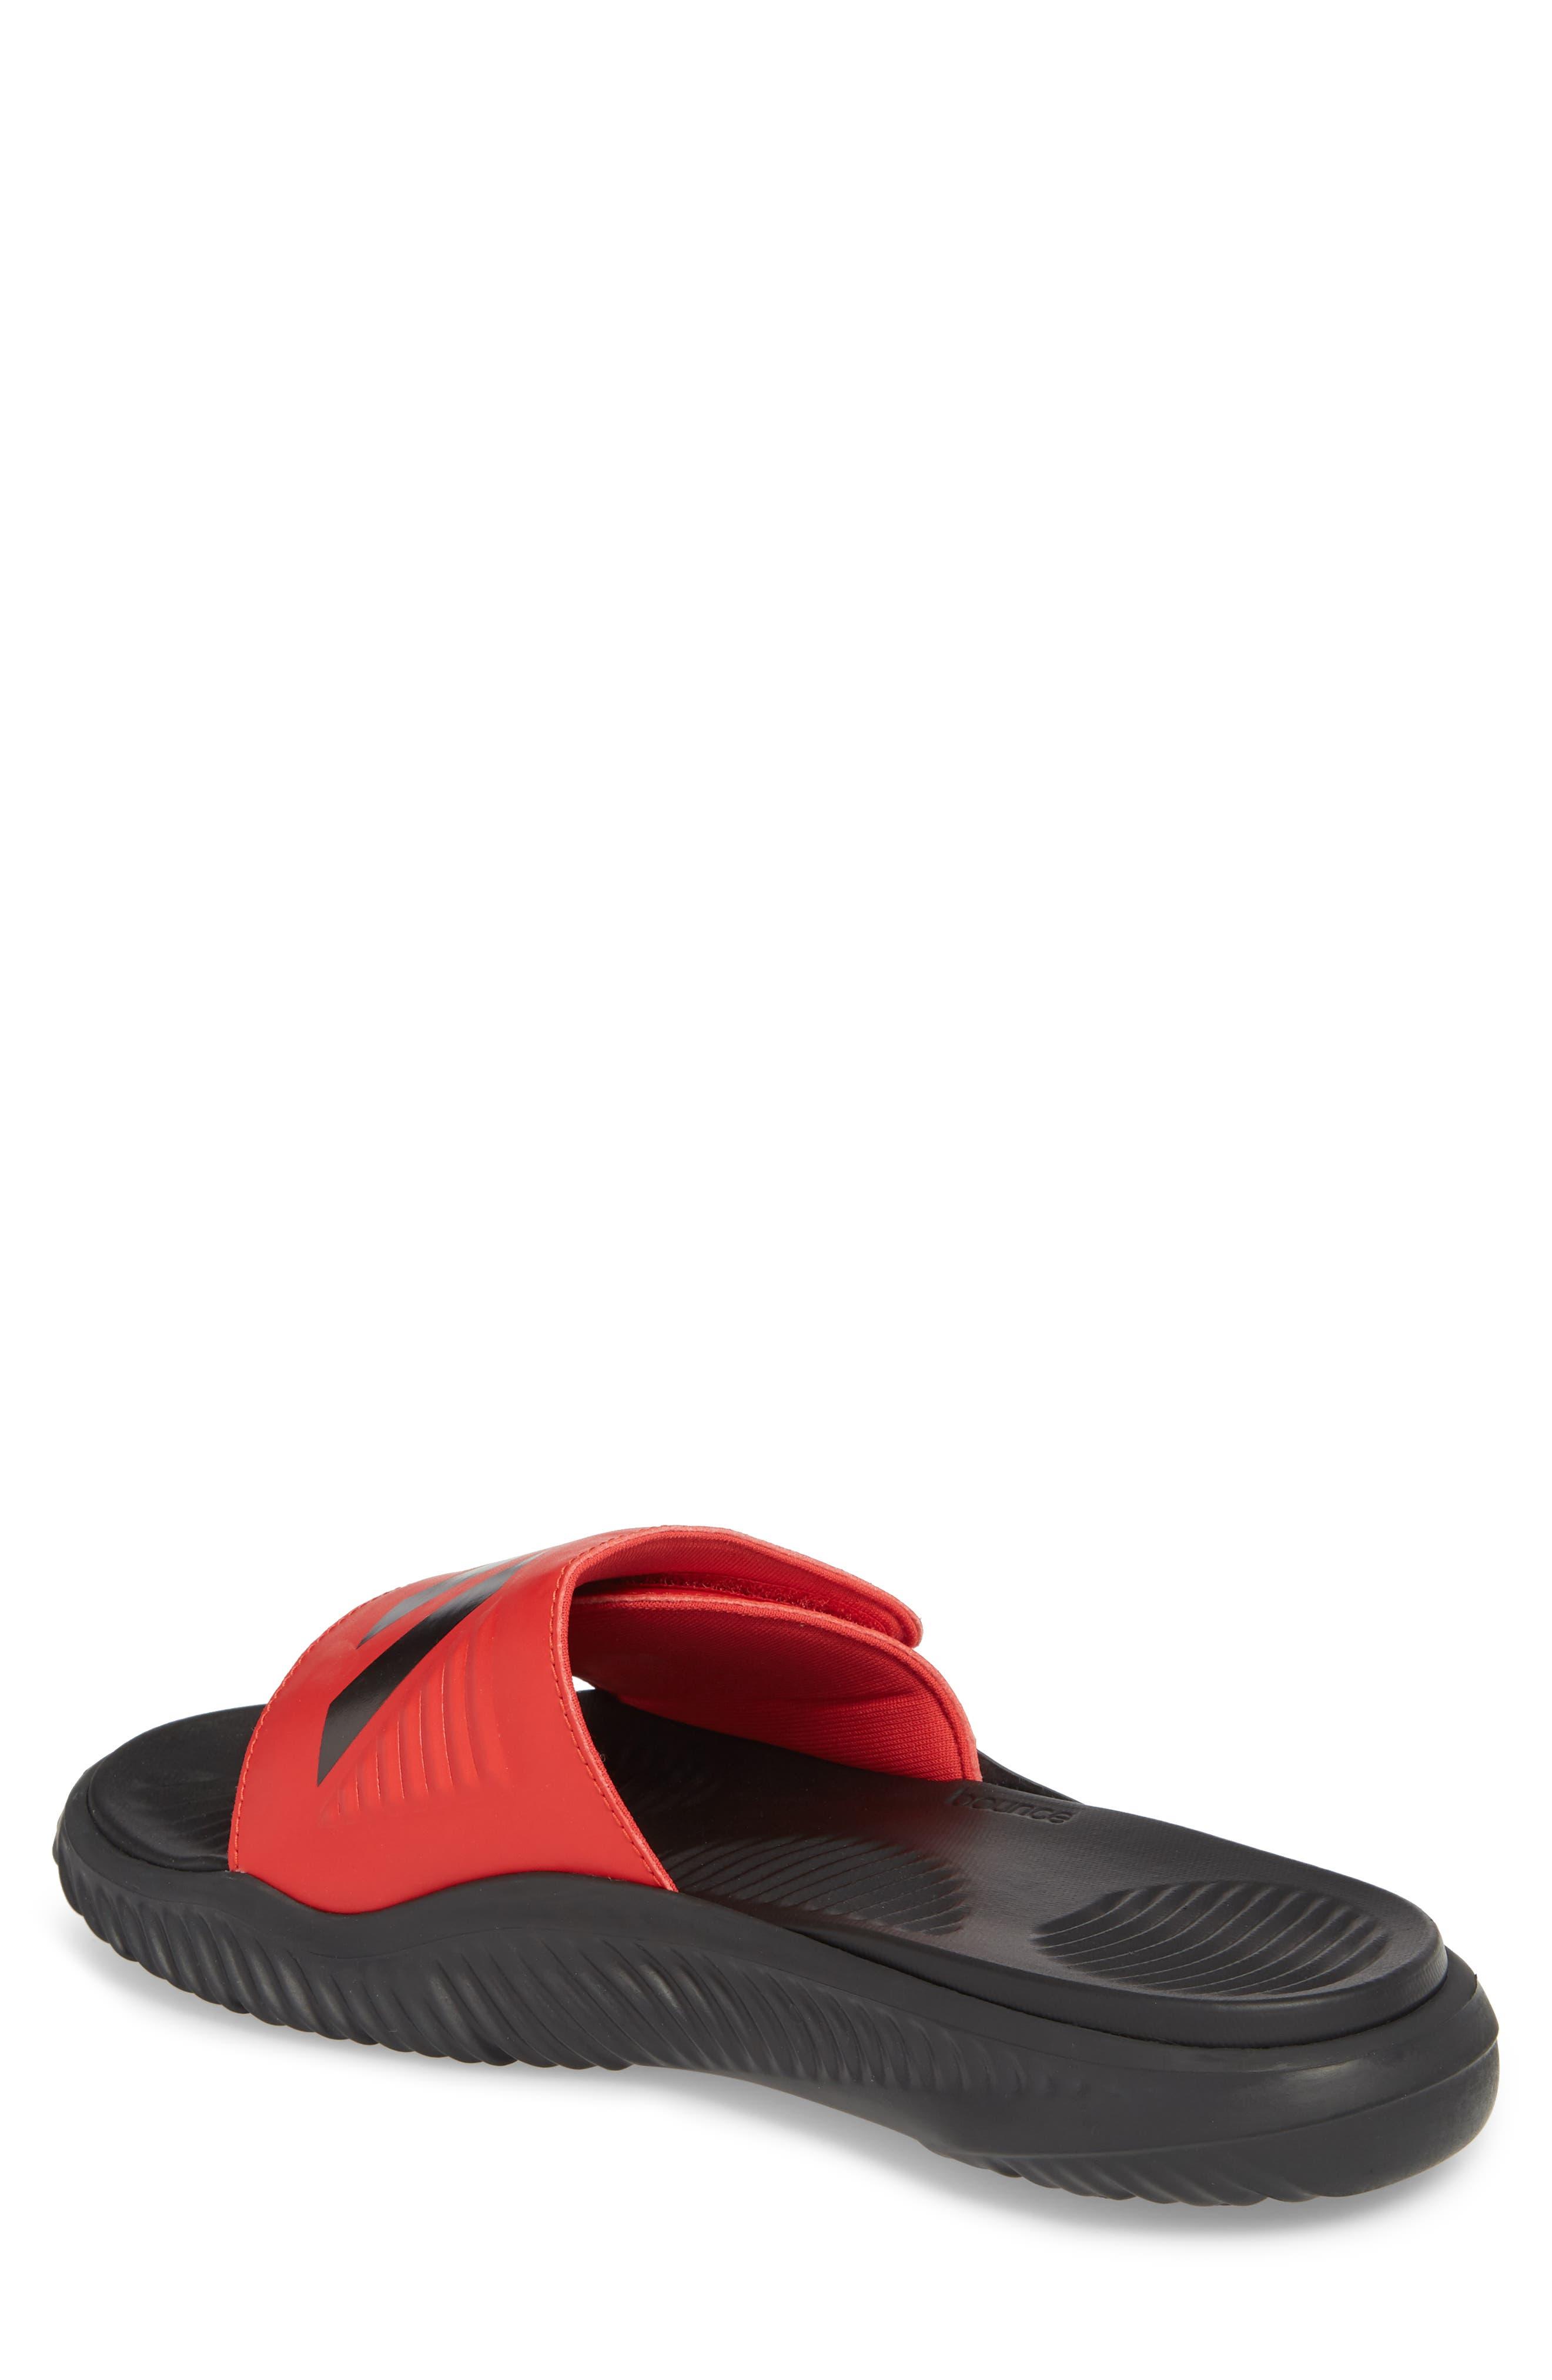 AlphaBounce Slide Sandal,                             Alternate thumbnail 2, color,                             SCARLET/ BLACK